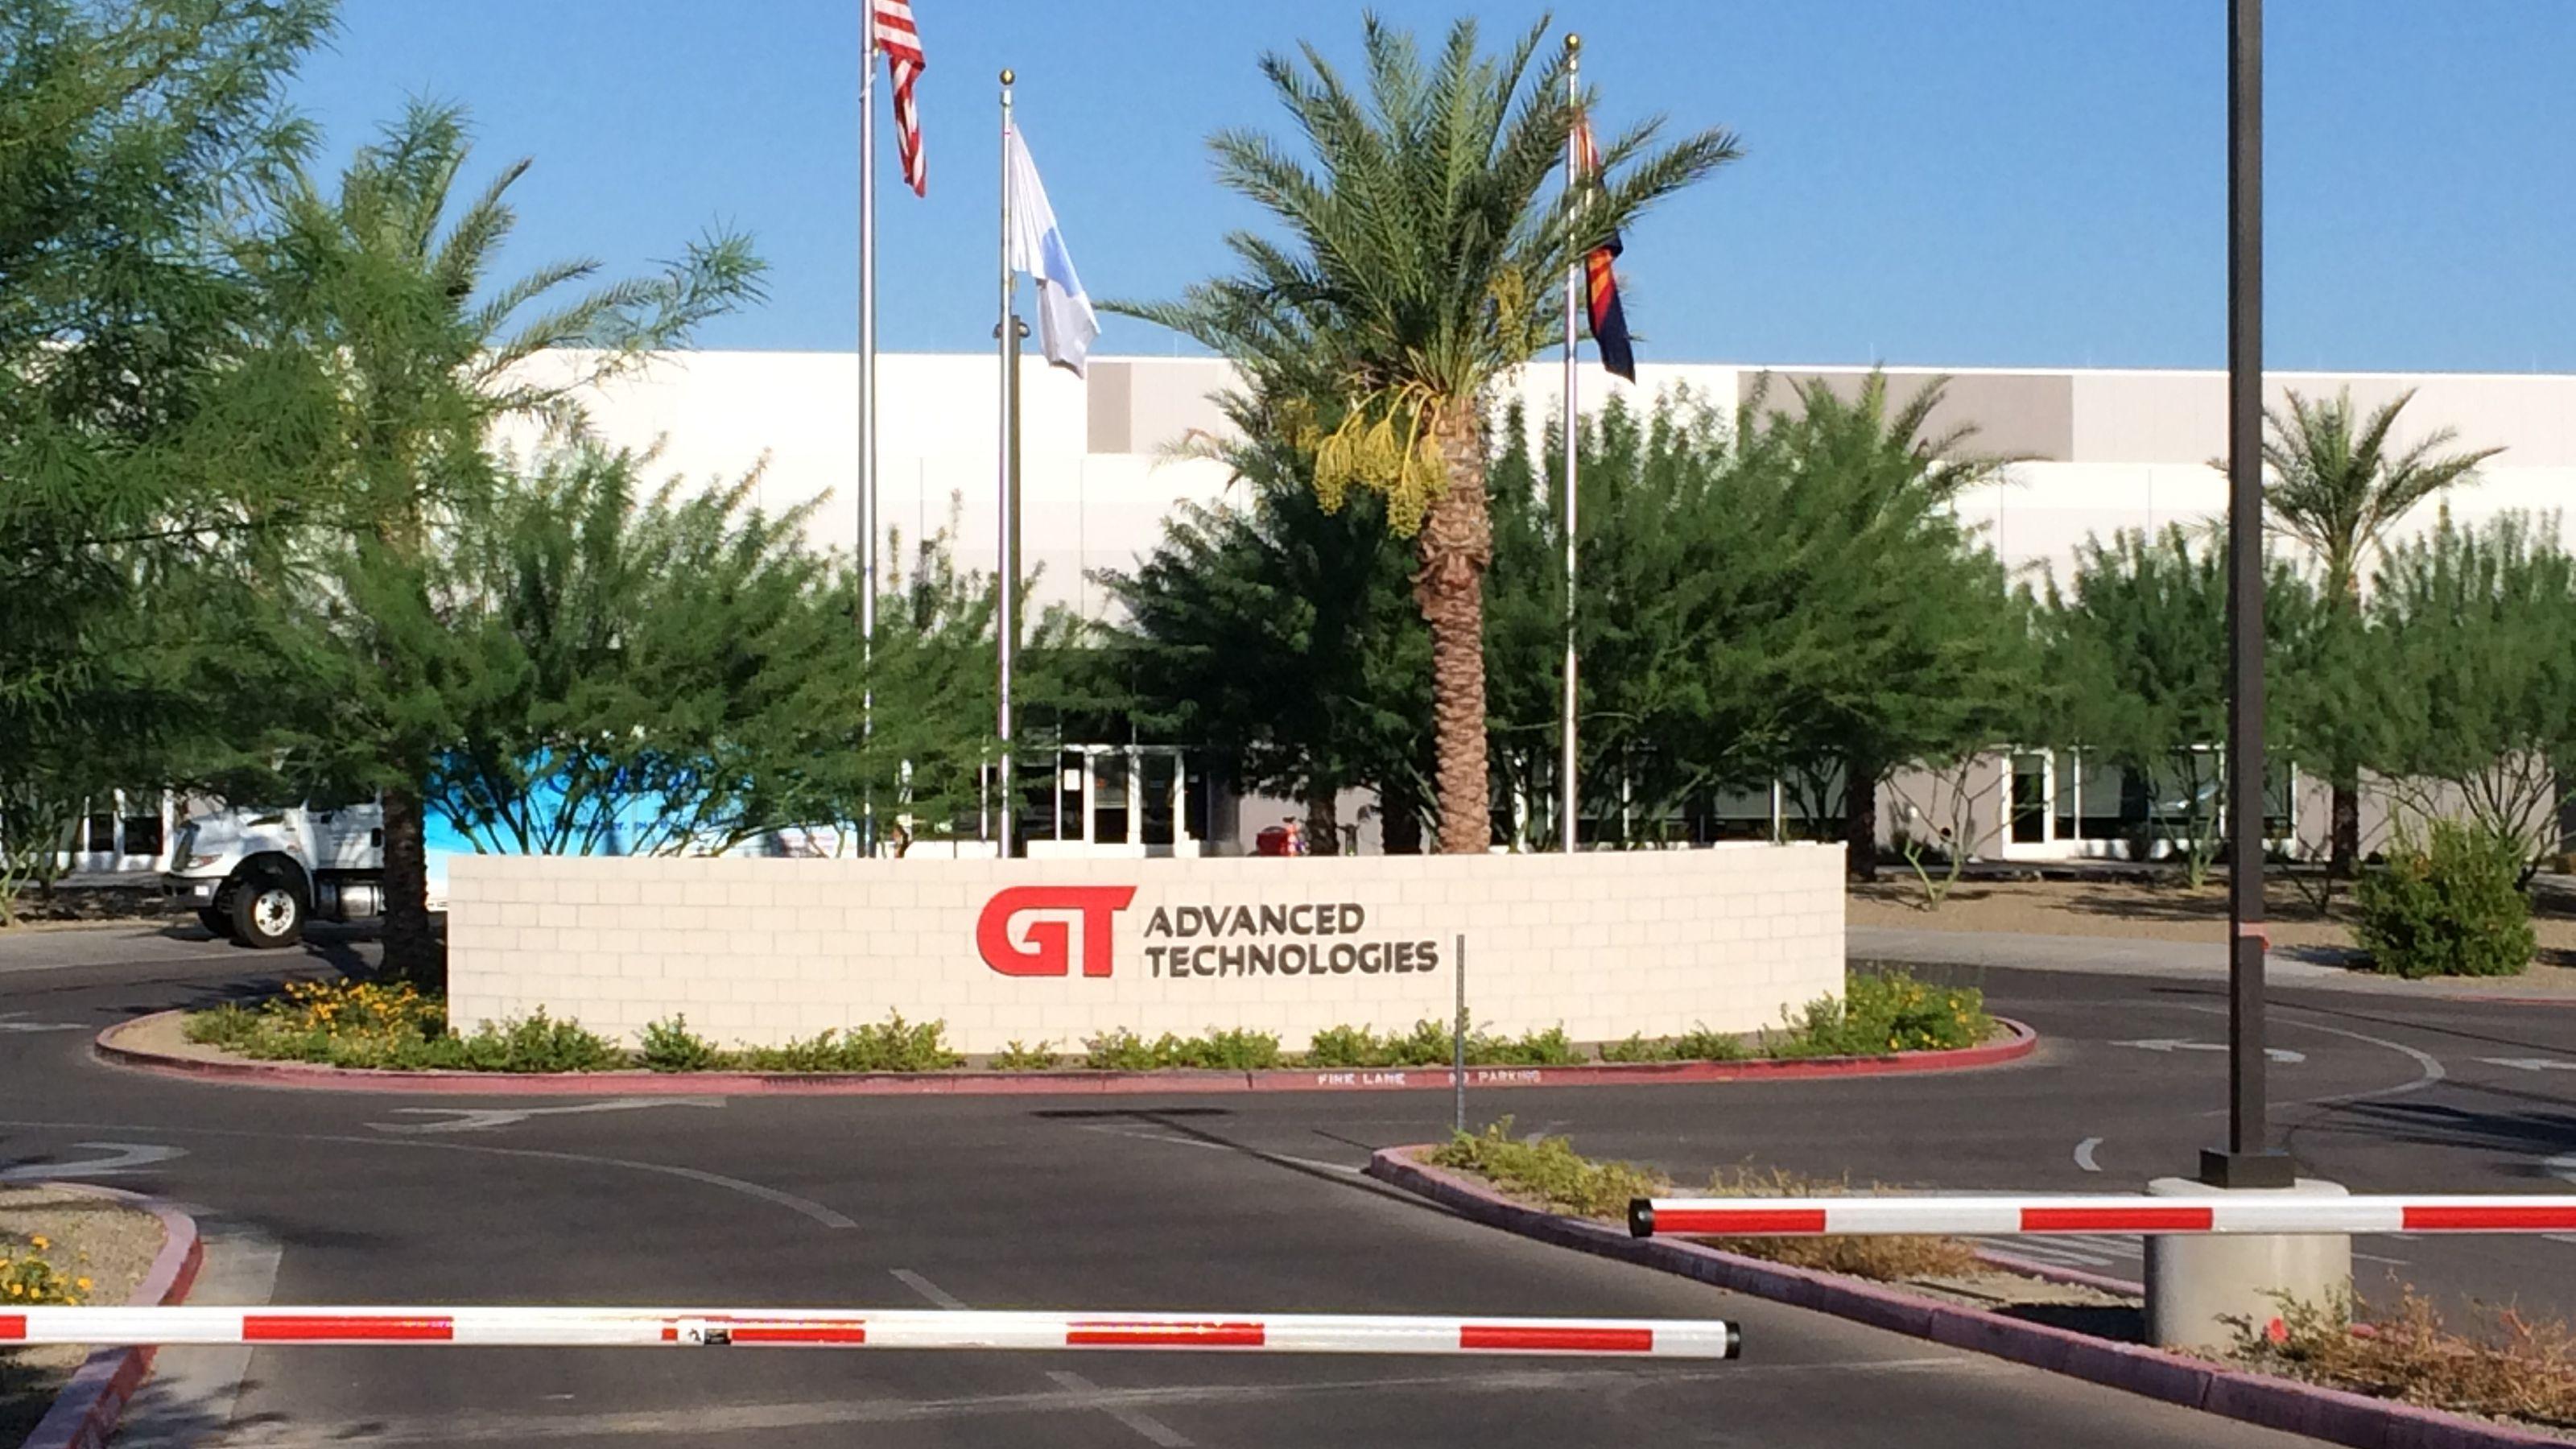 Российские инвесторы потеряли деньги на банкротстве GT Advanced